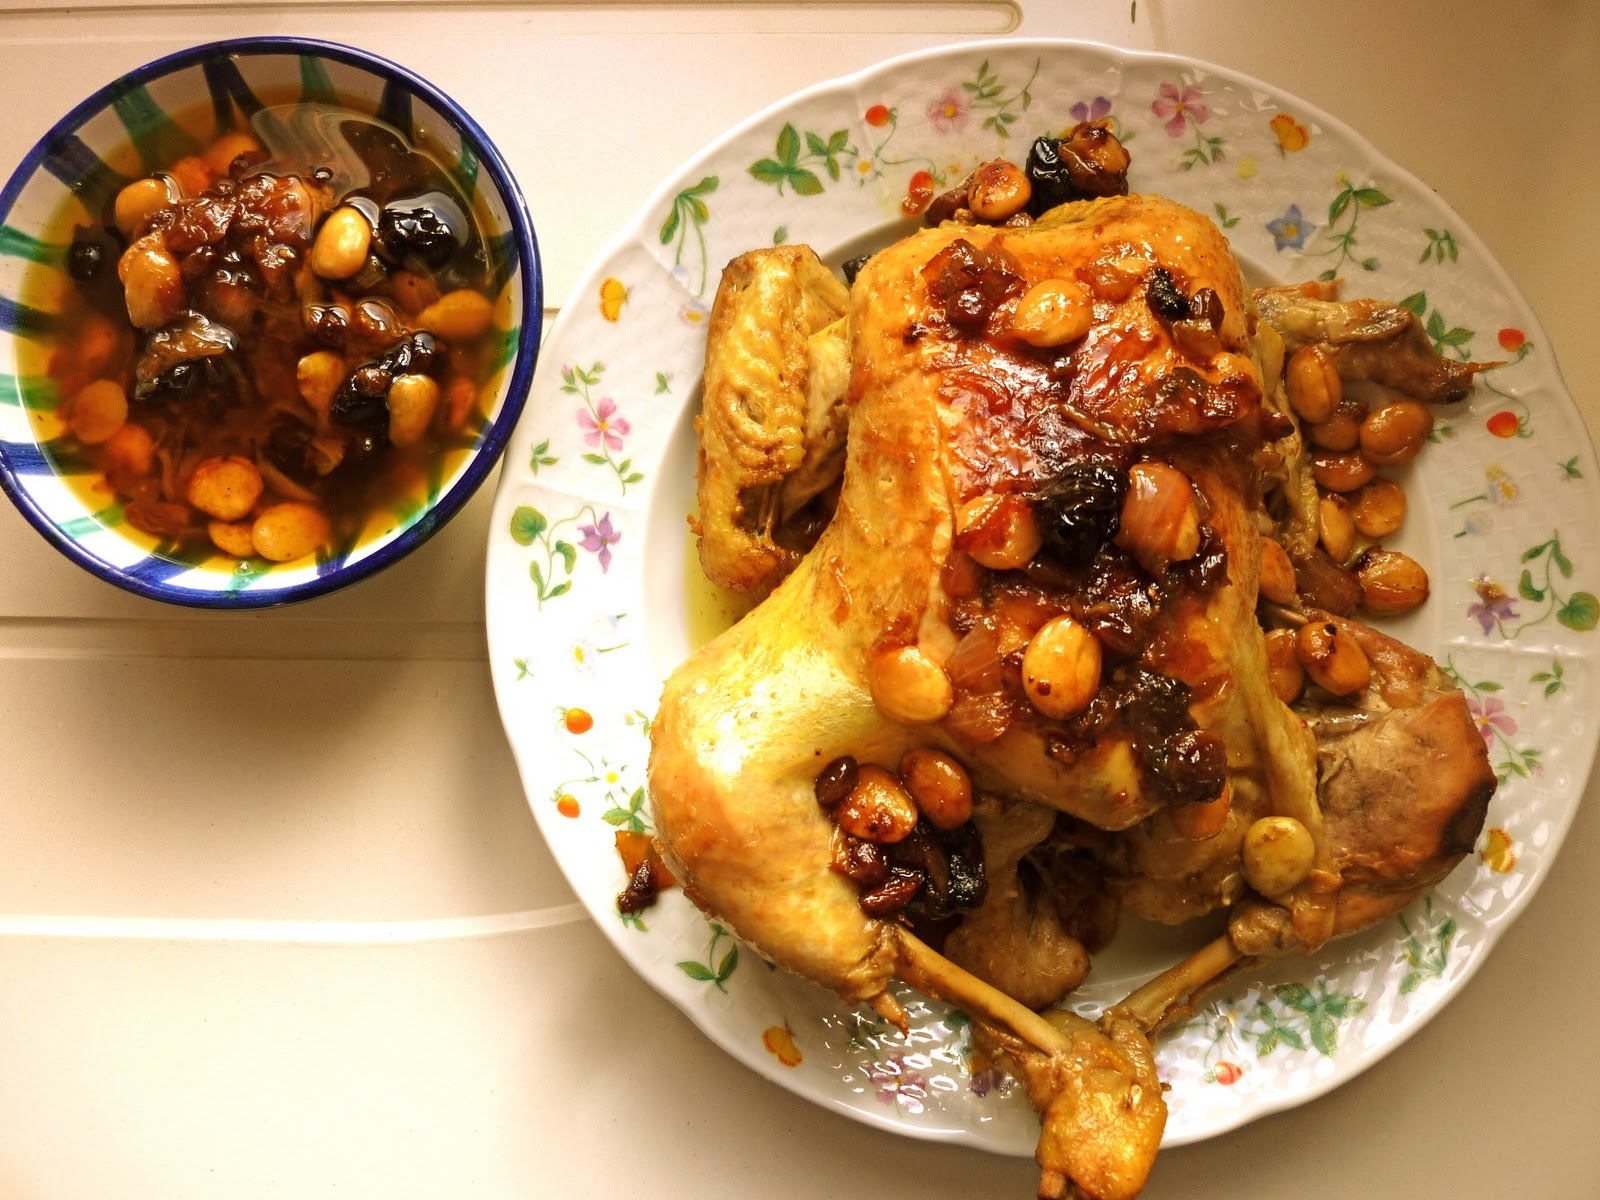 alsol cocinando pollo al curry con almendras y pasas por